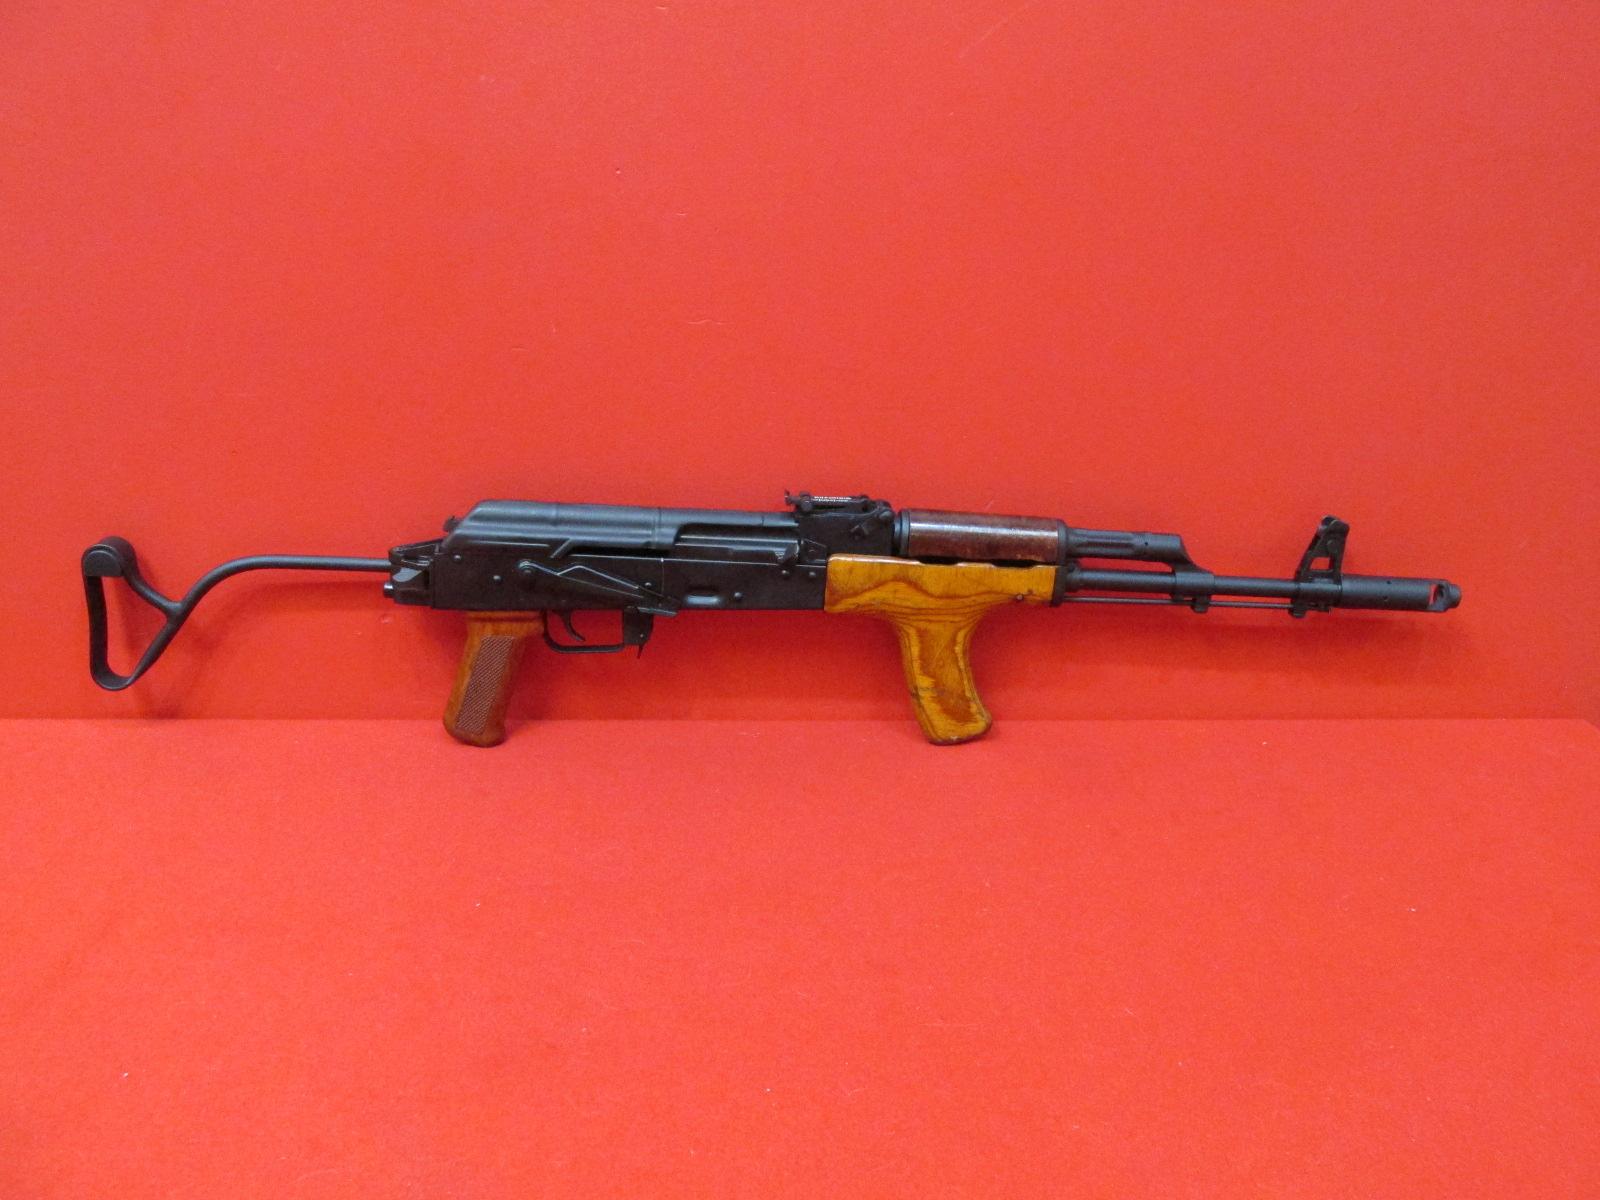 Atlantic Firearms Romanian/Atlantic Firearms AIMS 74 (AAM-74) AK